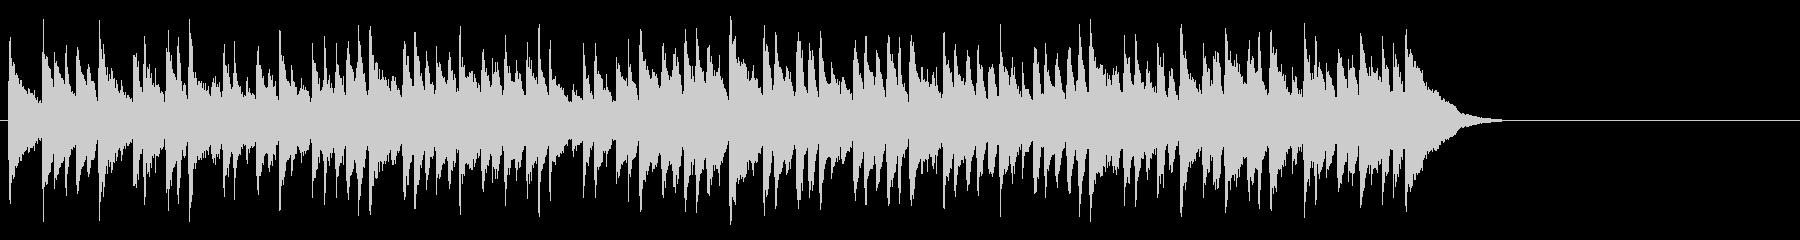 安らぐソフトなポップ(サビ)の未再生の波形